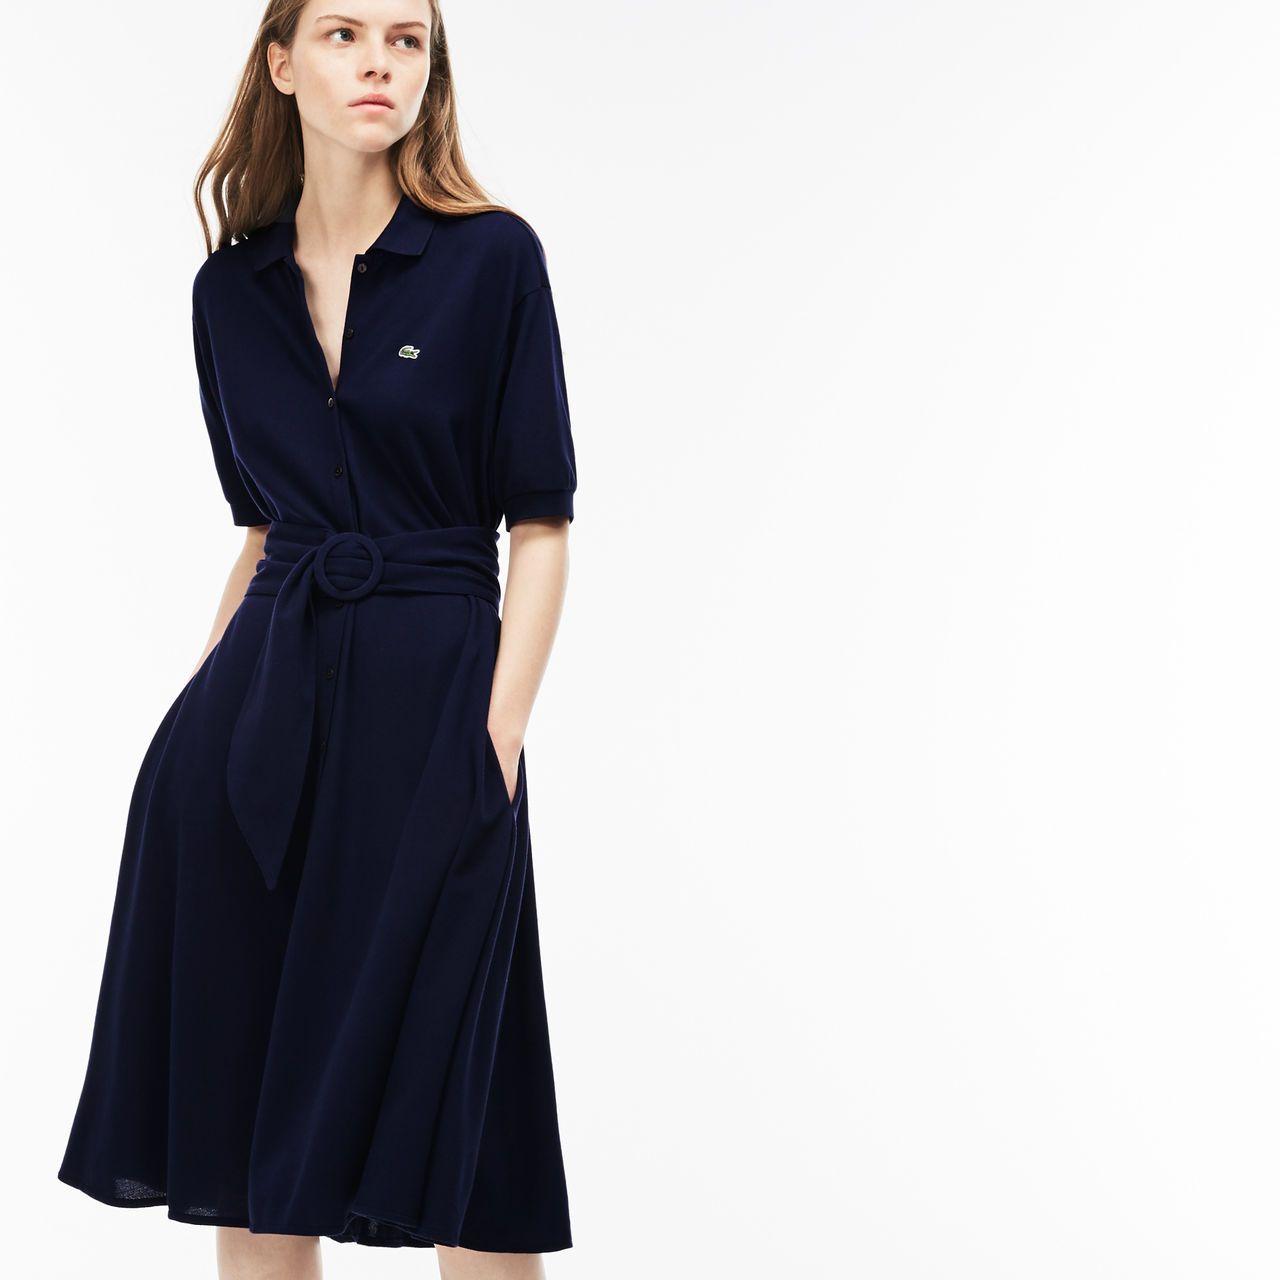 5e852d01ad6f5 Women s Belted Buttoned Soft Petit Piqué Polo Dress   LACOSTE ...